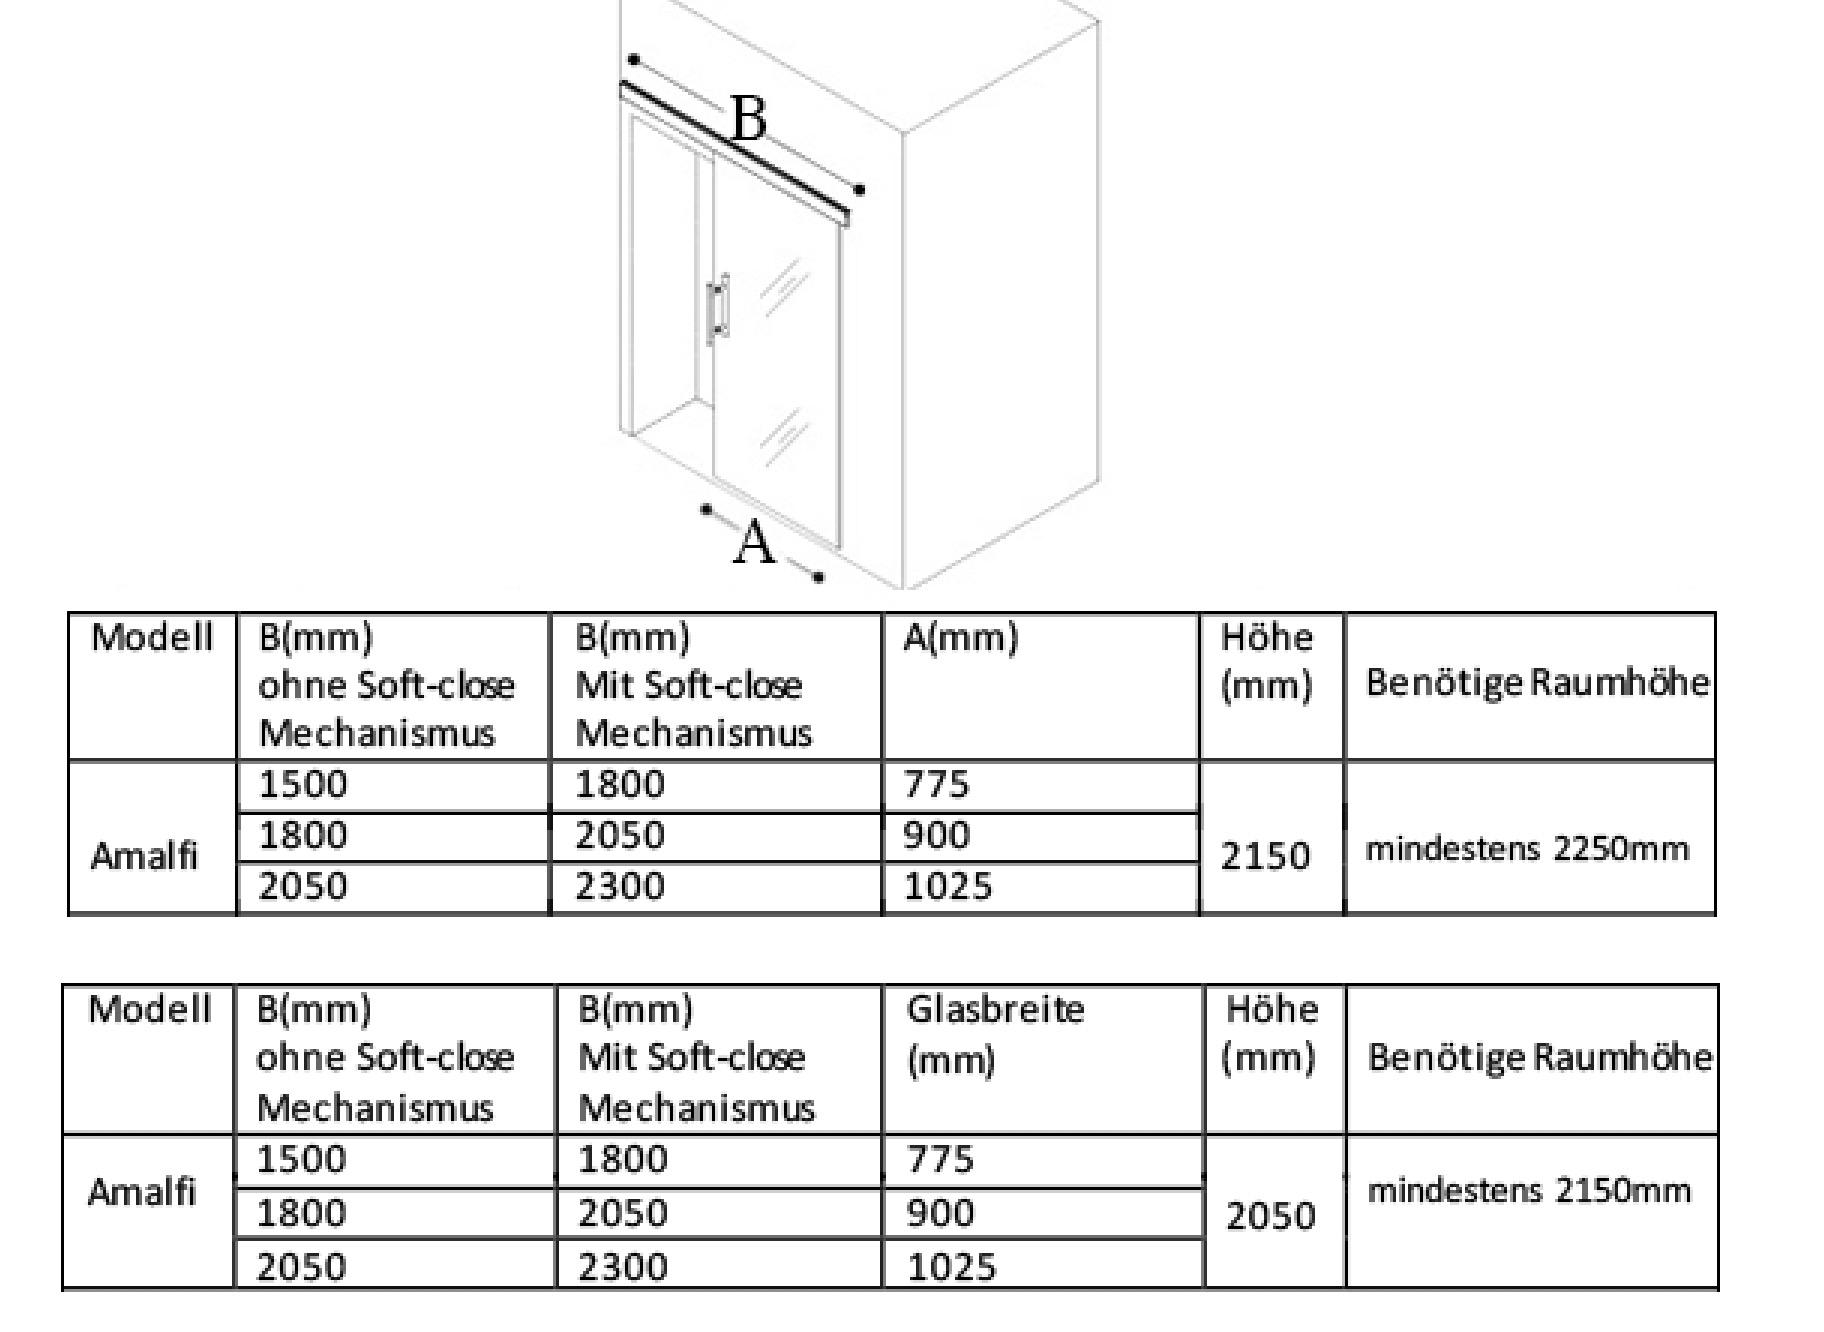 Glas-Schiebet/ür Set mit Softclose Klar 2150mm x 1050mm x 8mm Schiebet/üre Schiebet/ür Glast/ür Innent/ür Zimmert/ür B/ürot/ür